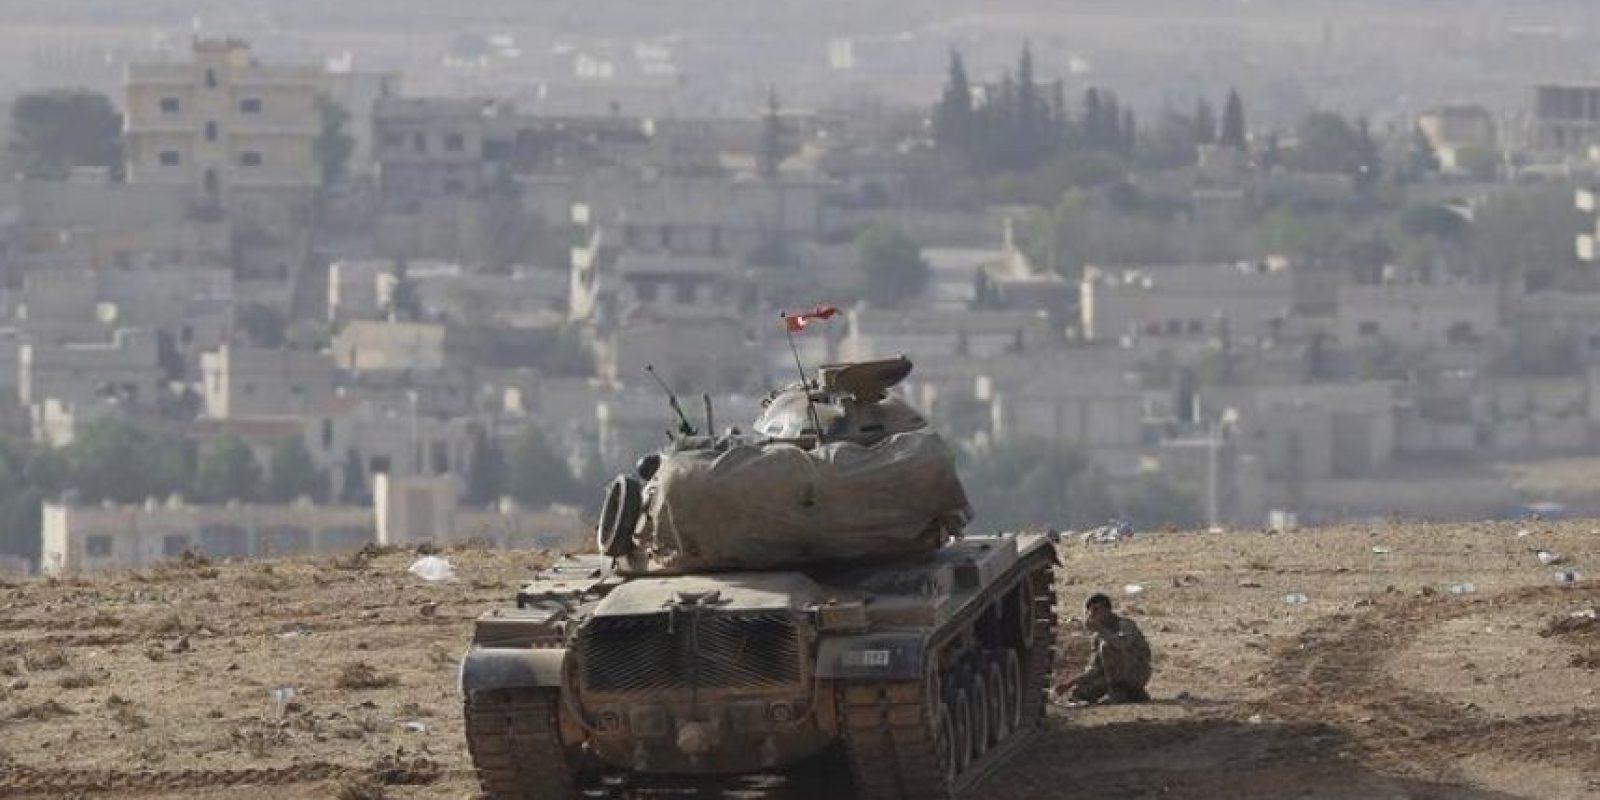 Un tanque turco desplegado en la frontera durante los enfrentamientos armados entre el Estado Islámico (EI) y los combatientes kurdos, que intentan defender la localidad siria de Kobani, ayer cerca del distrito de Suruc, en Sanliurfa (Turquía). EFE